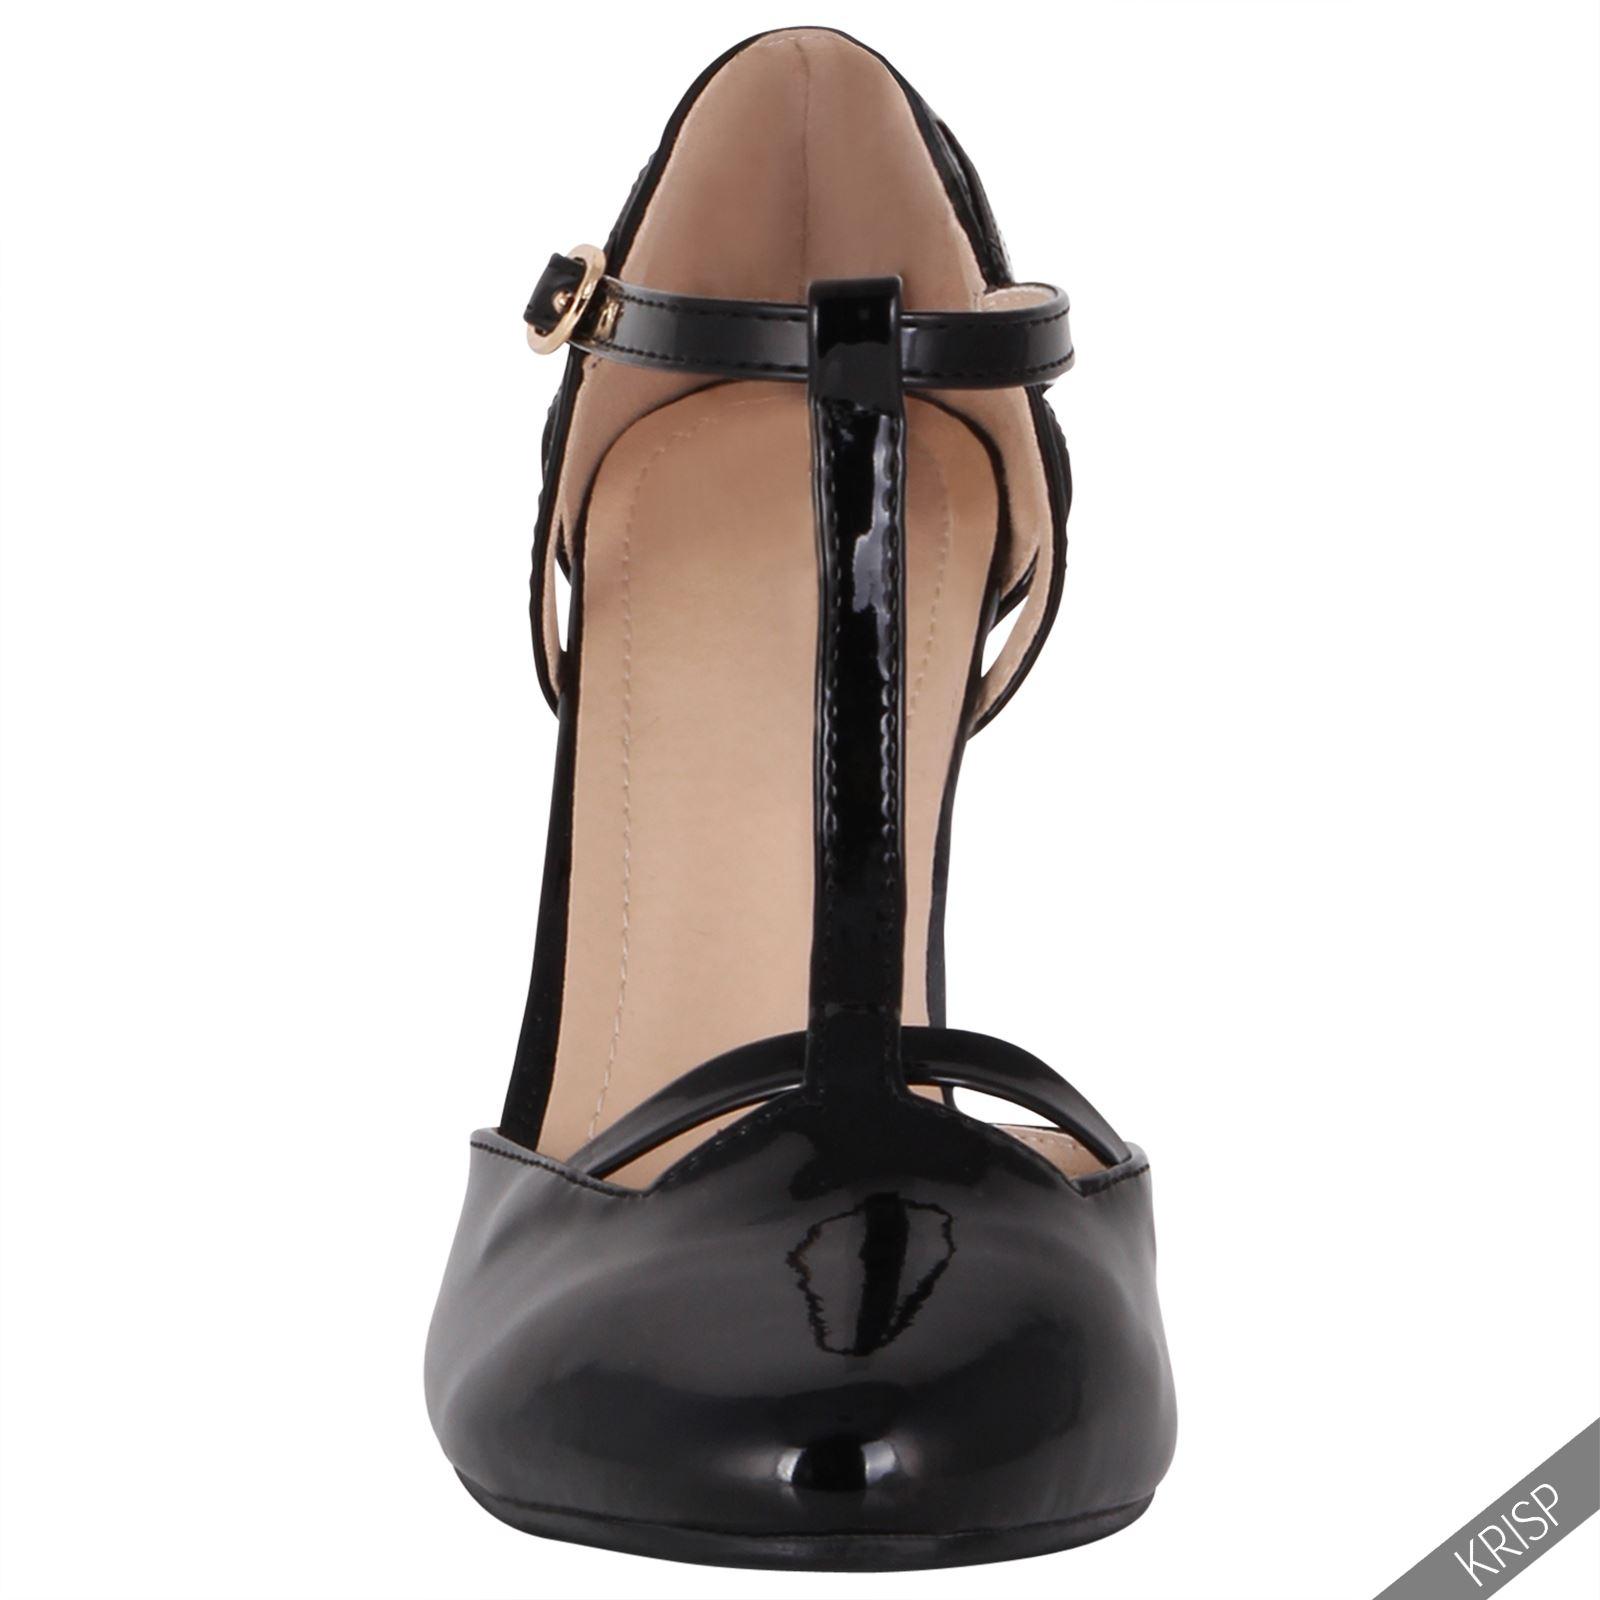 damen retro t riemchen pumps blockabsatz high heels lackschuhe absatzschuhe ebay. Black Bedroom Furniture Sets. Home Design Ideas